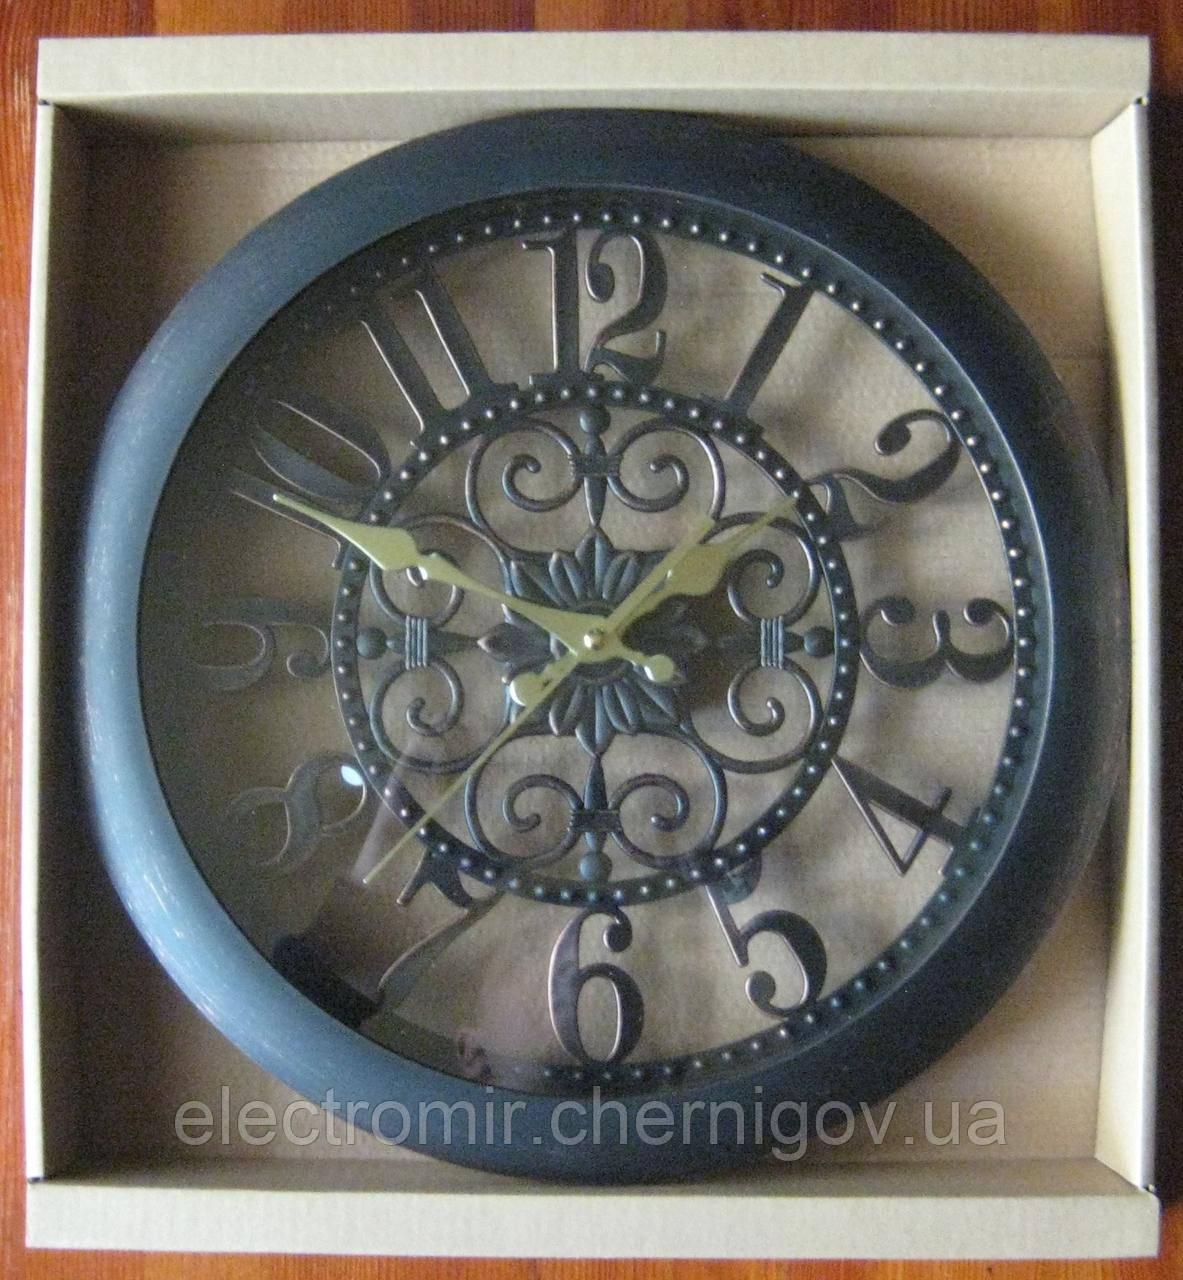 Часы настенные RL-2745 35 см диаметр (коричневые)